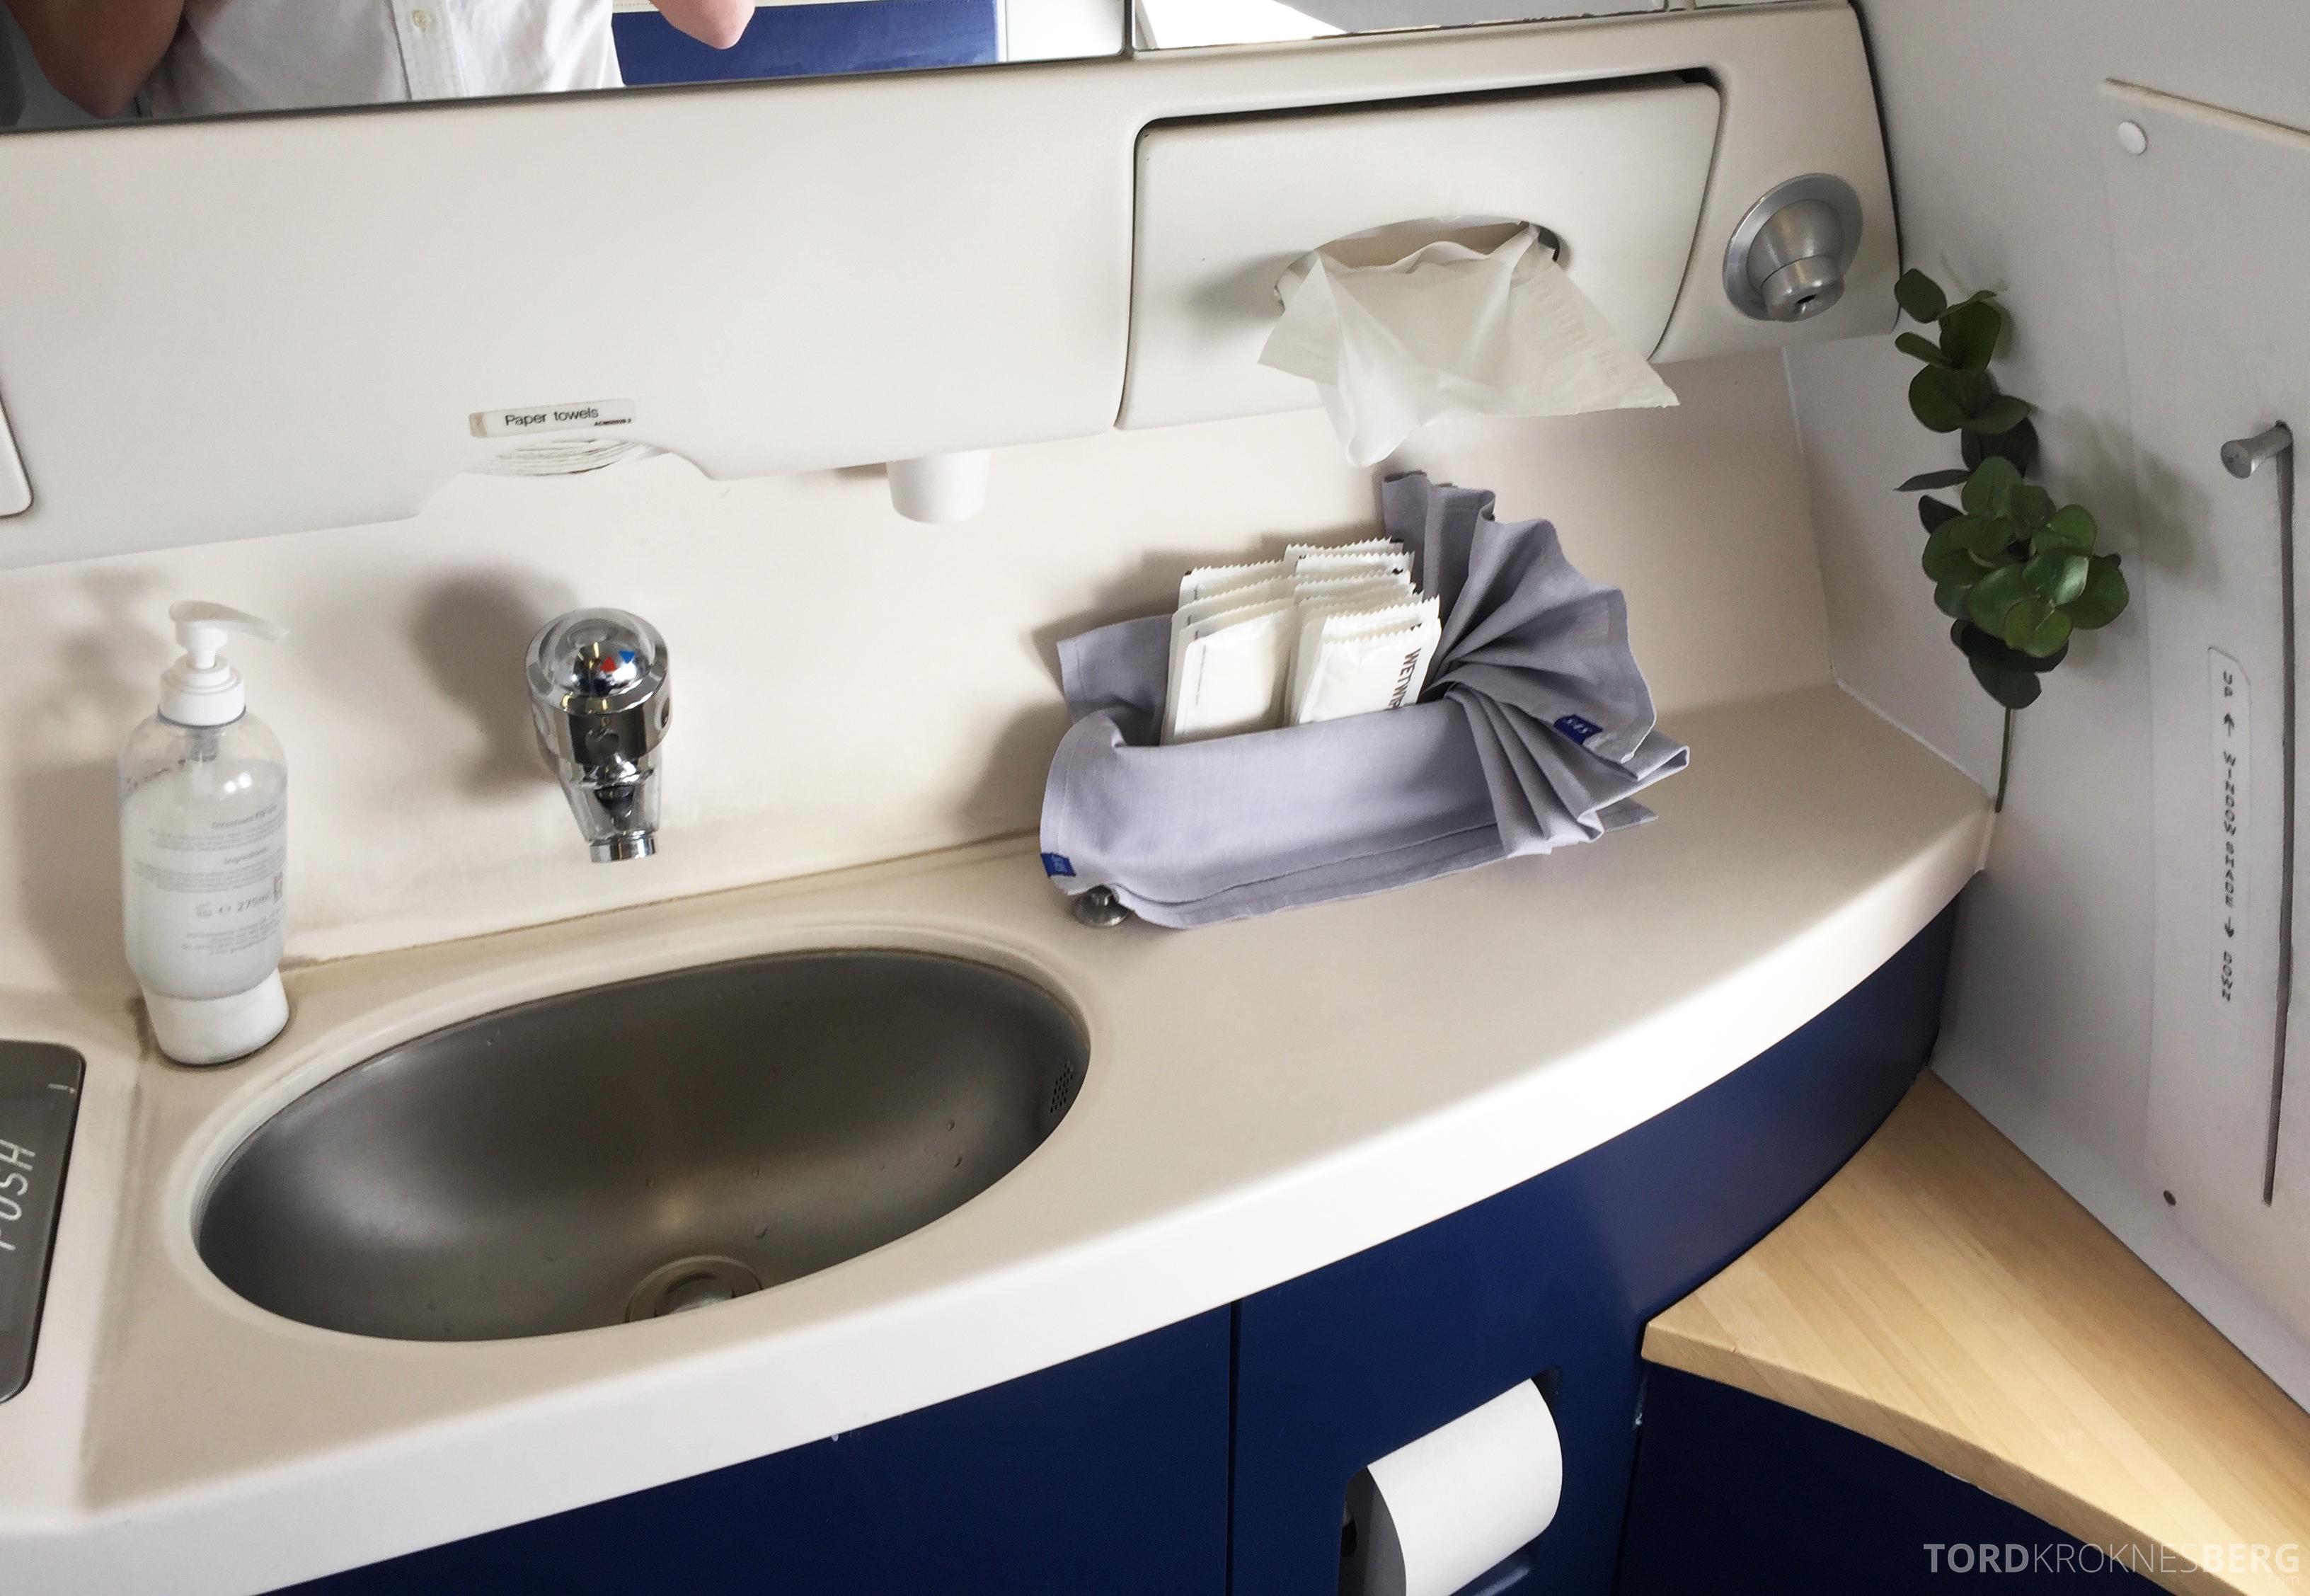 SAS Business Class gammel kabin toalett